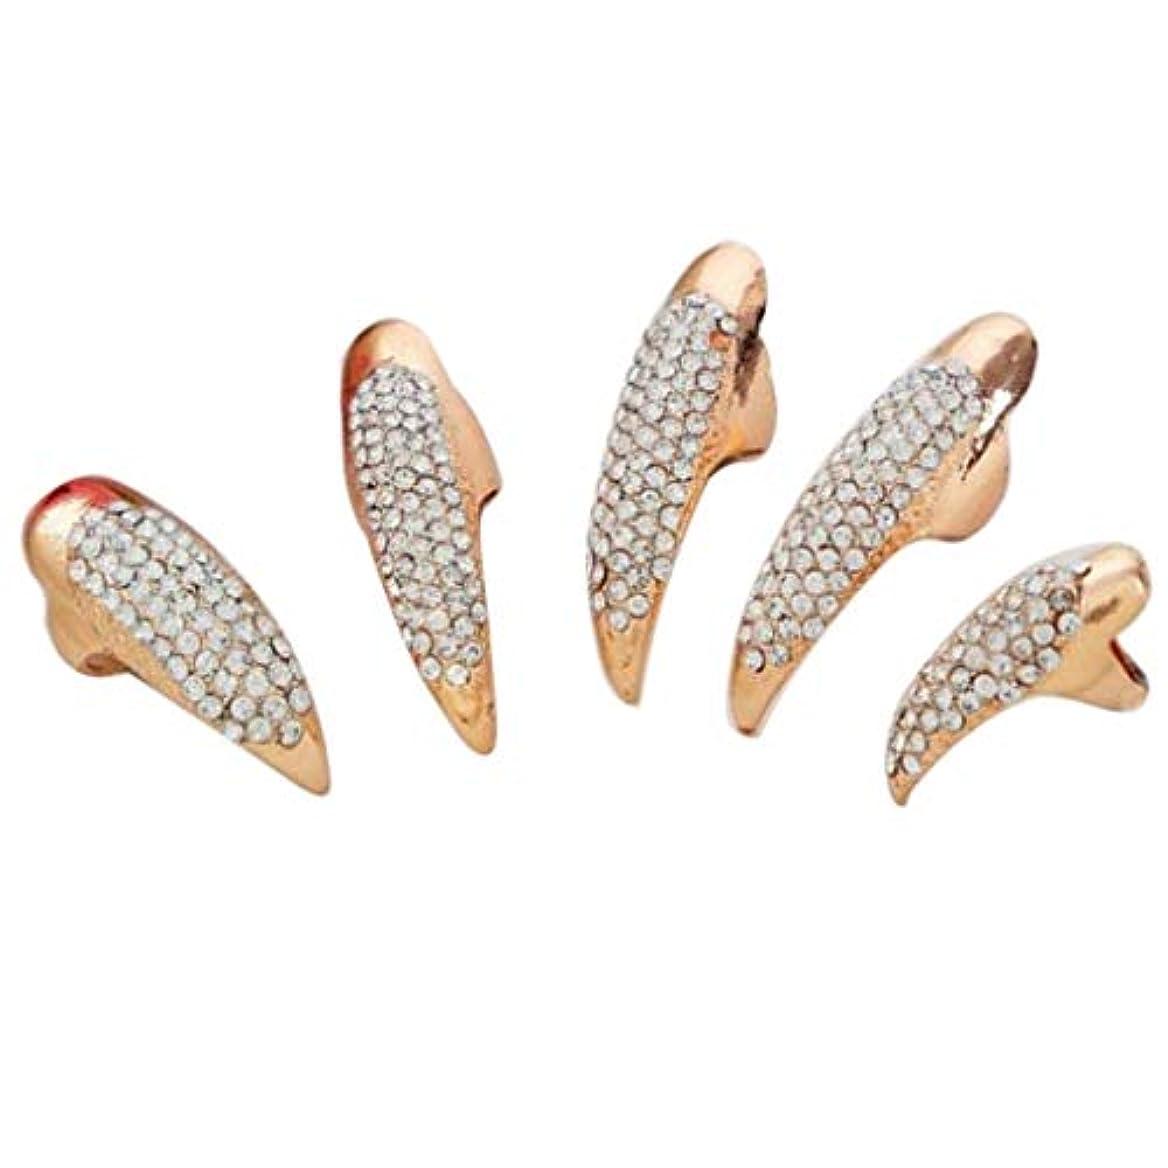 透過性拒絶するケージB Baosity ネイルアート ネイルリング 爪リング ネイルチップ 指先 爪の指輪 キラキラ 2色選べ - ゴールデン